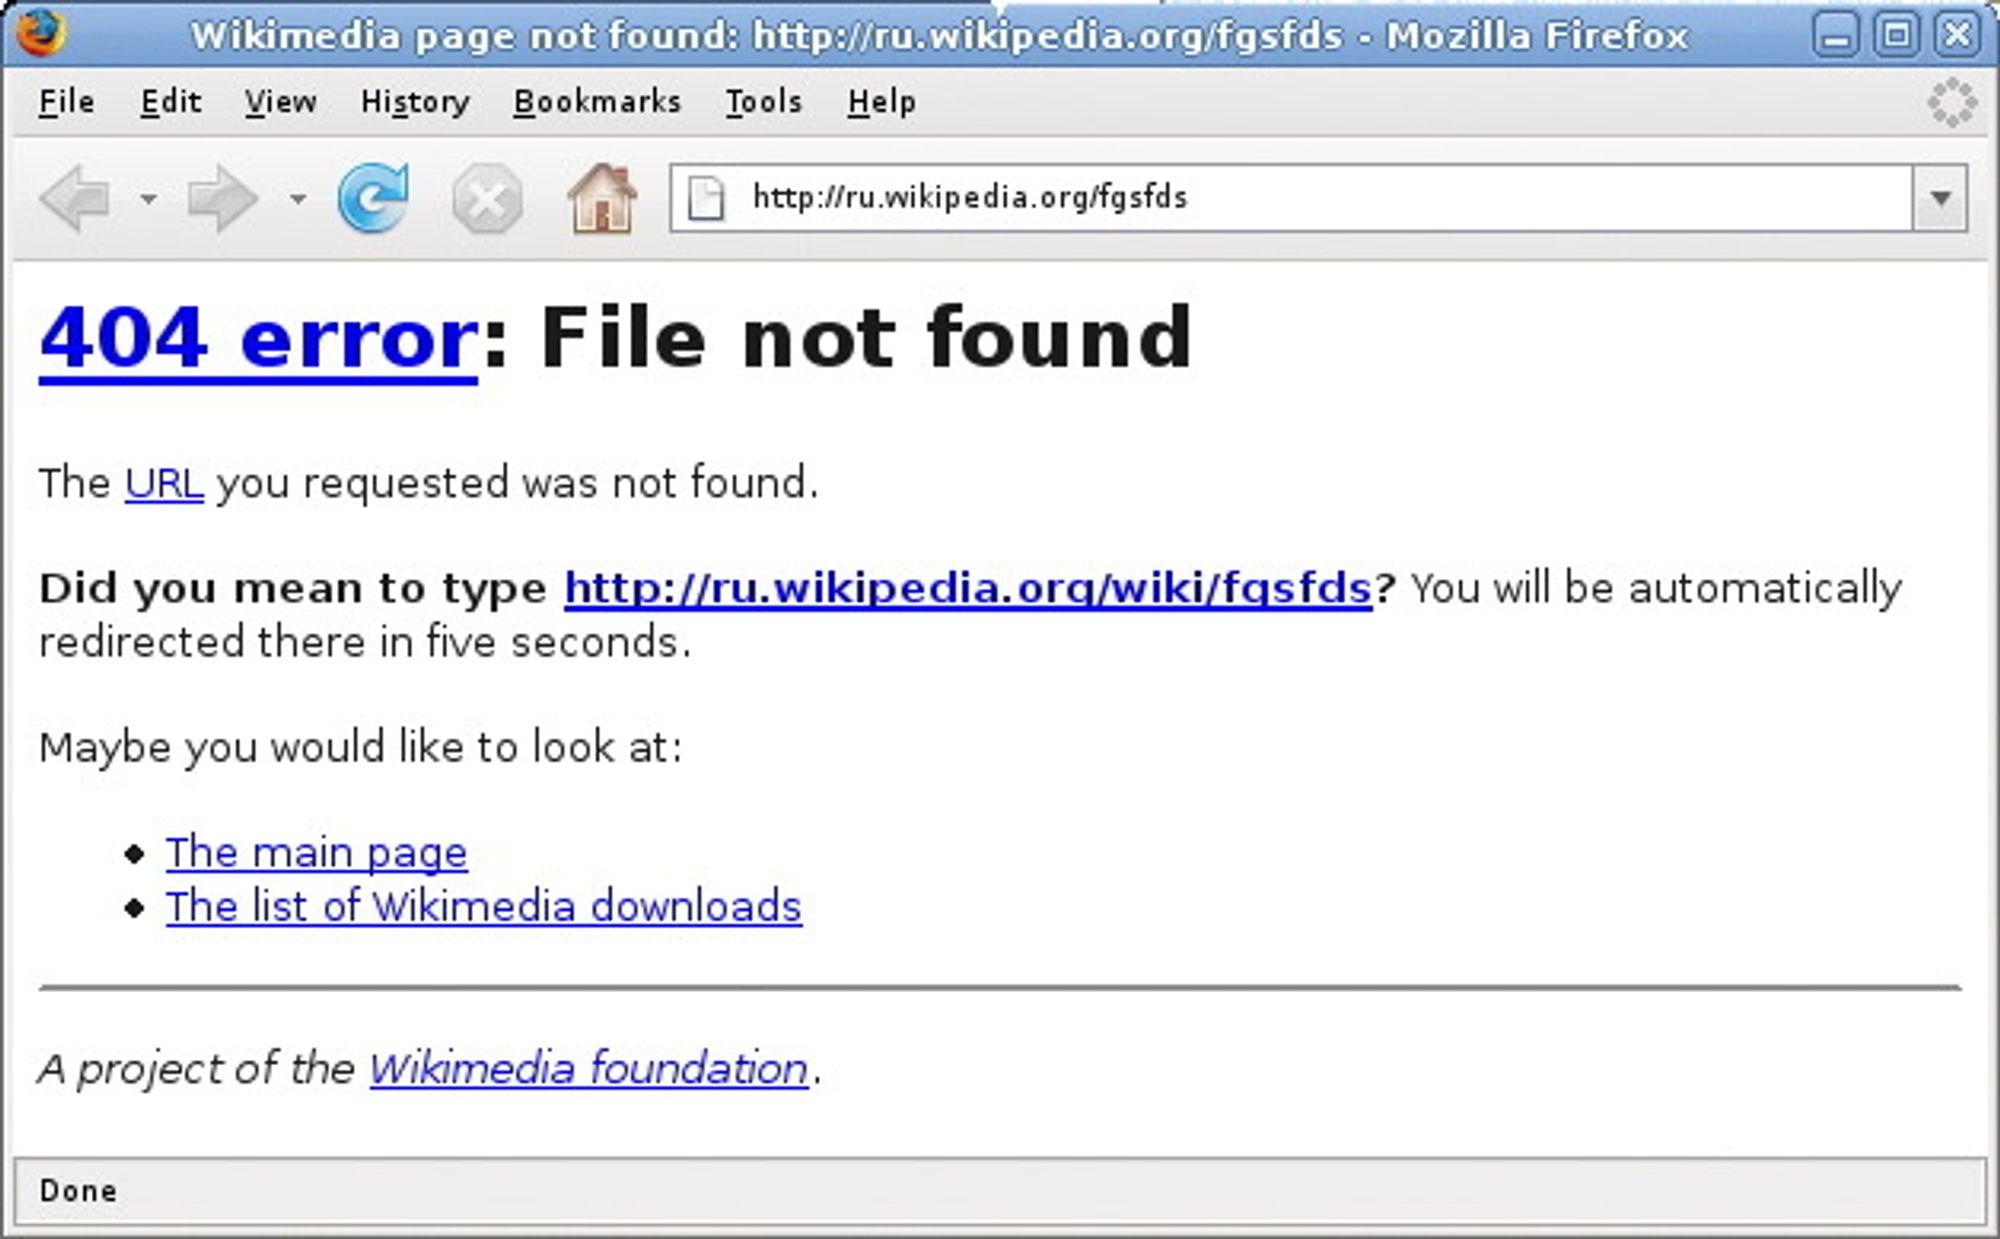 De av oss som bruker internett flittig, har sannsynligvis mer enn en gang støtt på en 404-feilmelding.